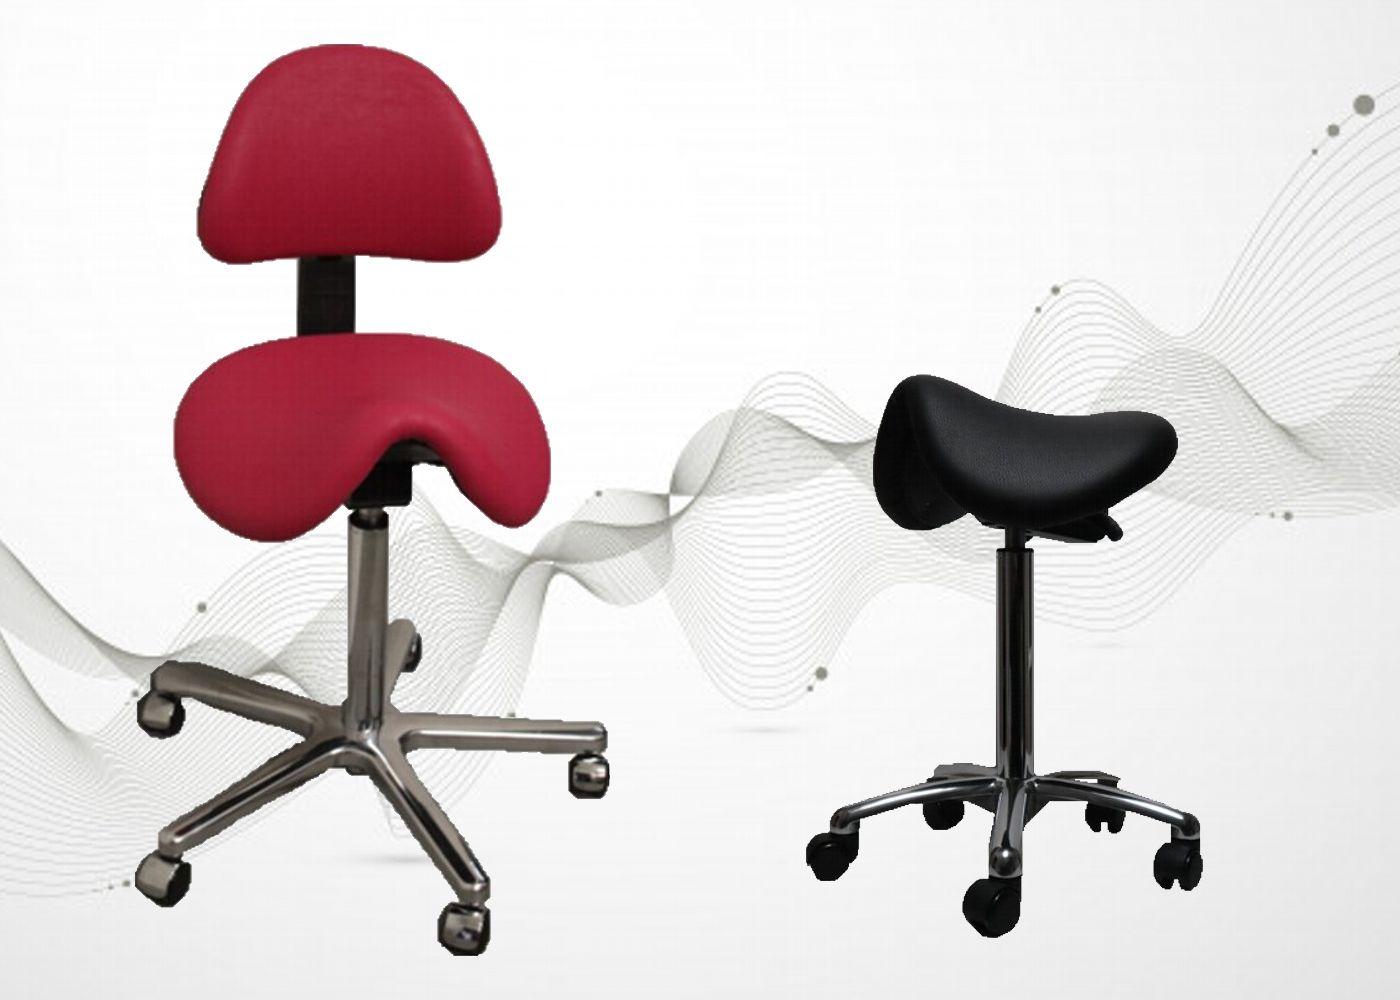 Steh-Sitzhilfe Sattelhocker